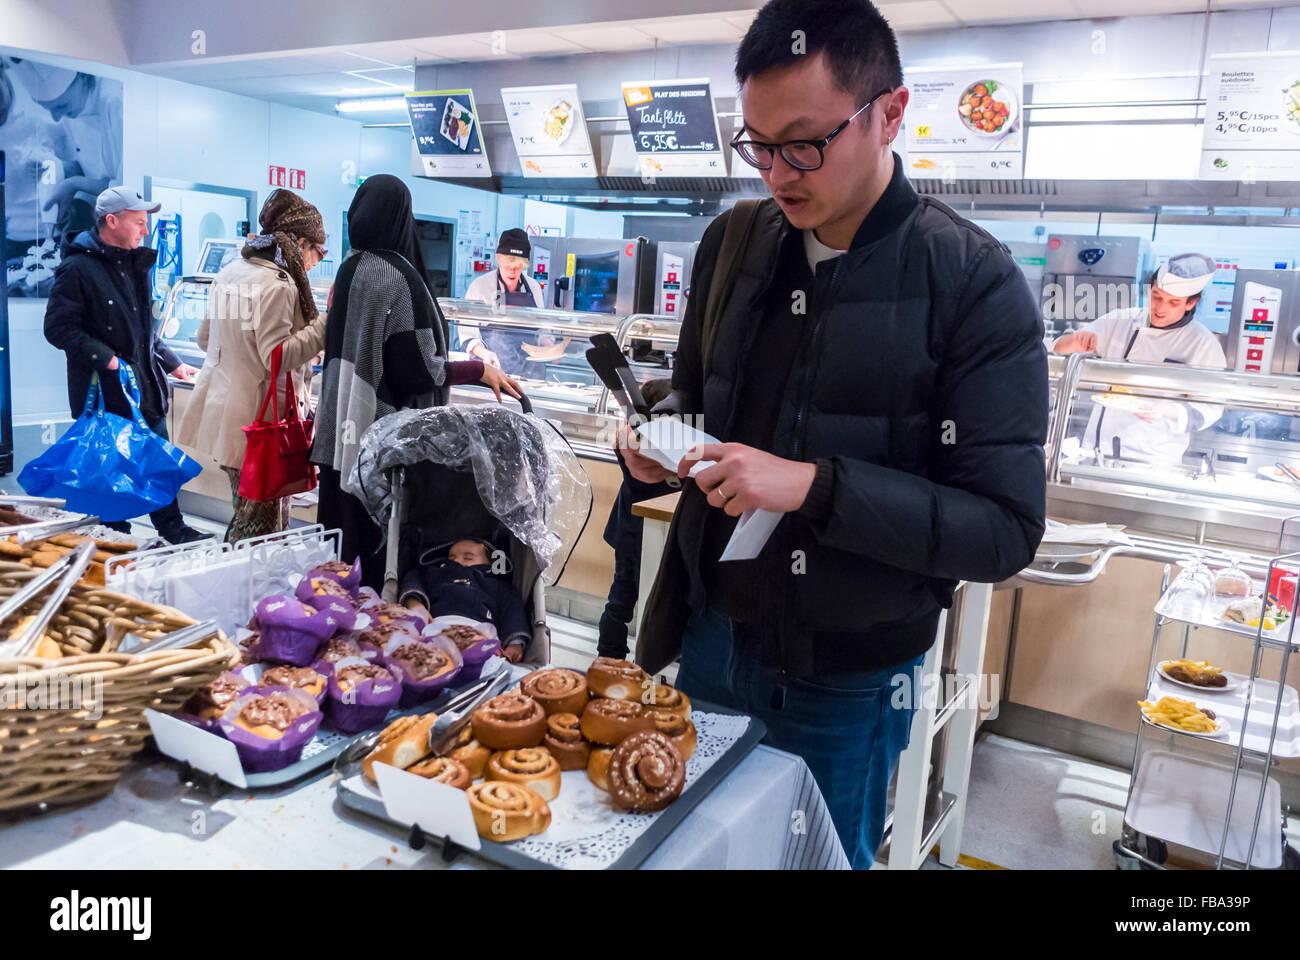 Baumarkt Dänemark frankreich chinesischer mann einkaufen einkaufen im